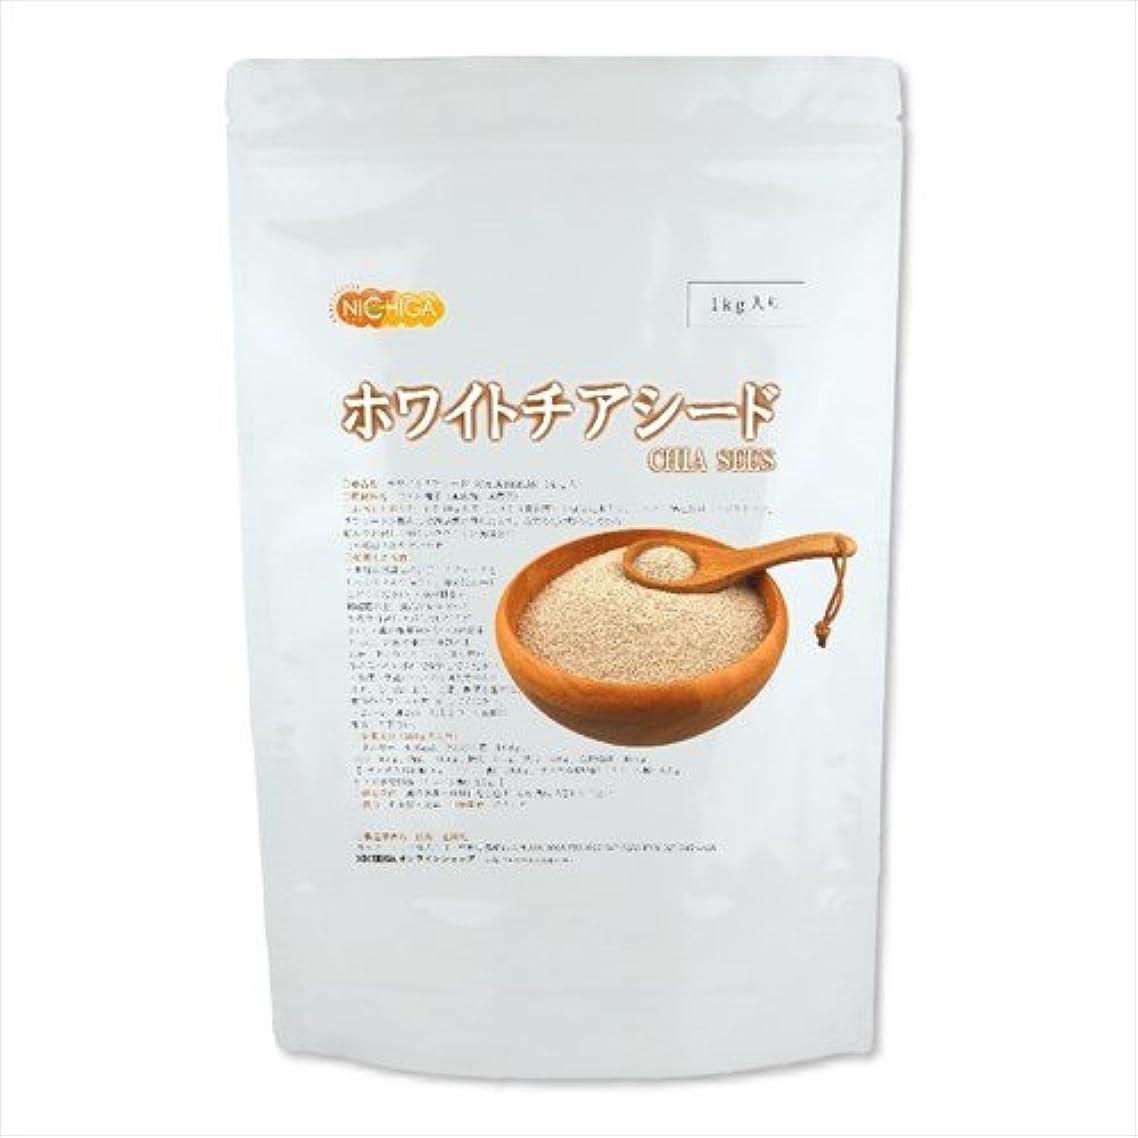 登る爆弾略奪ホワイトチアシード 1kg【CHIASEEDS】[01]食物性最高奇跡の食品 (Miracle foods) 殺菌品 NICHIGA(ニチガ)